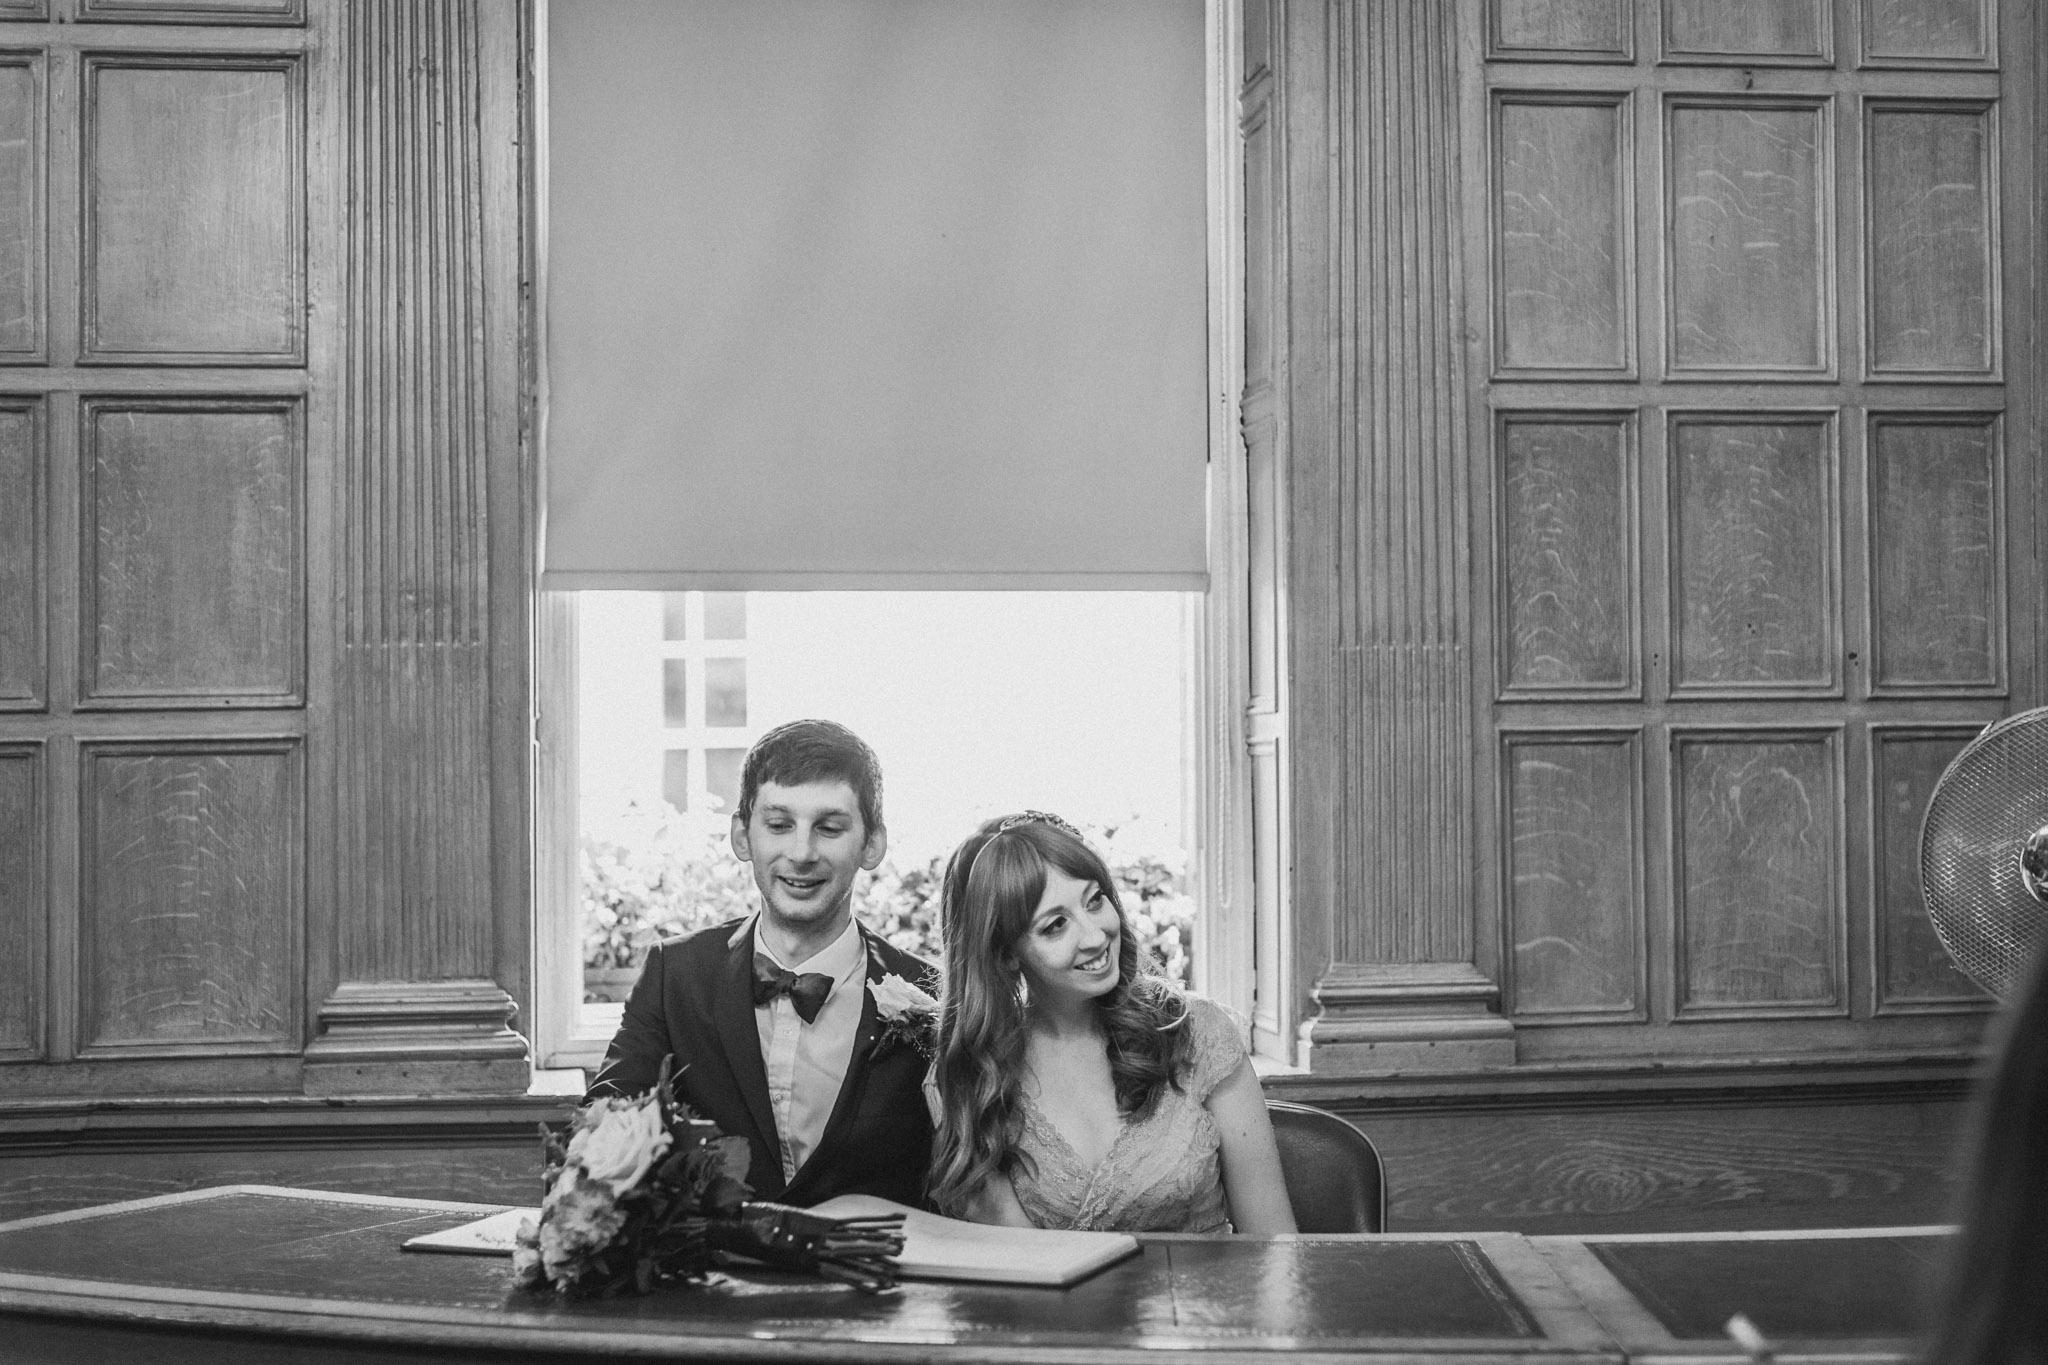 lewes_wedding_photographer_0036.jpg